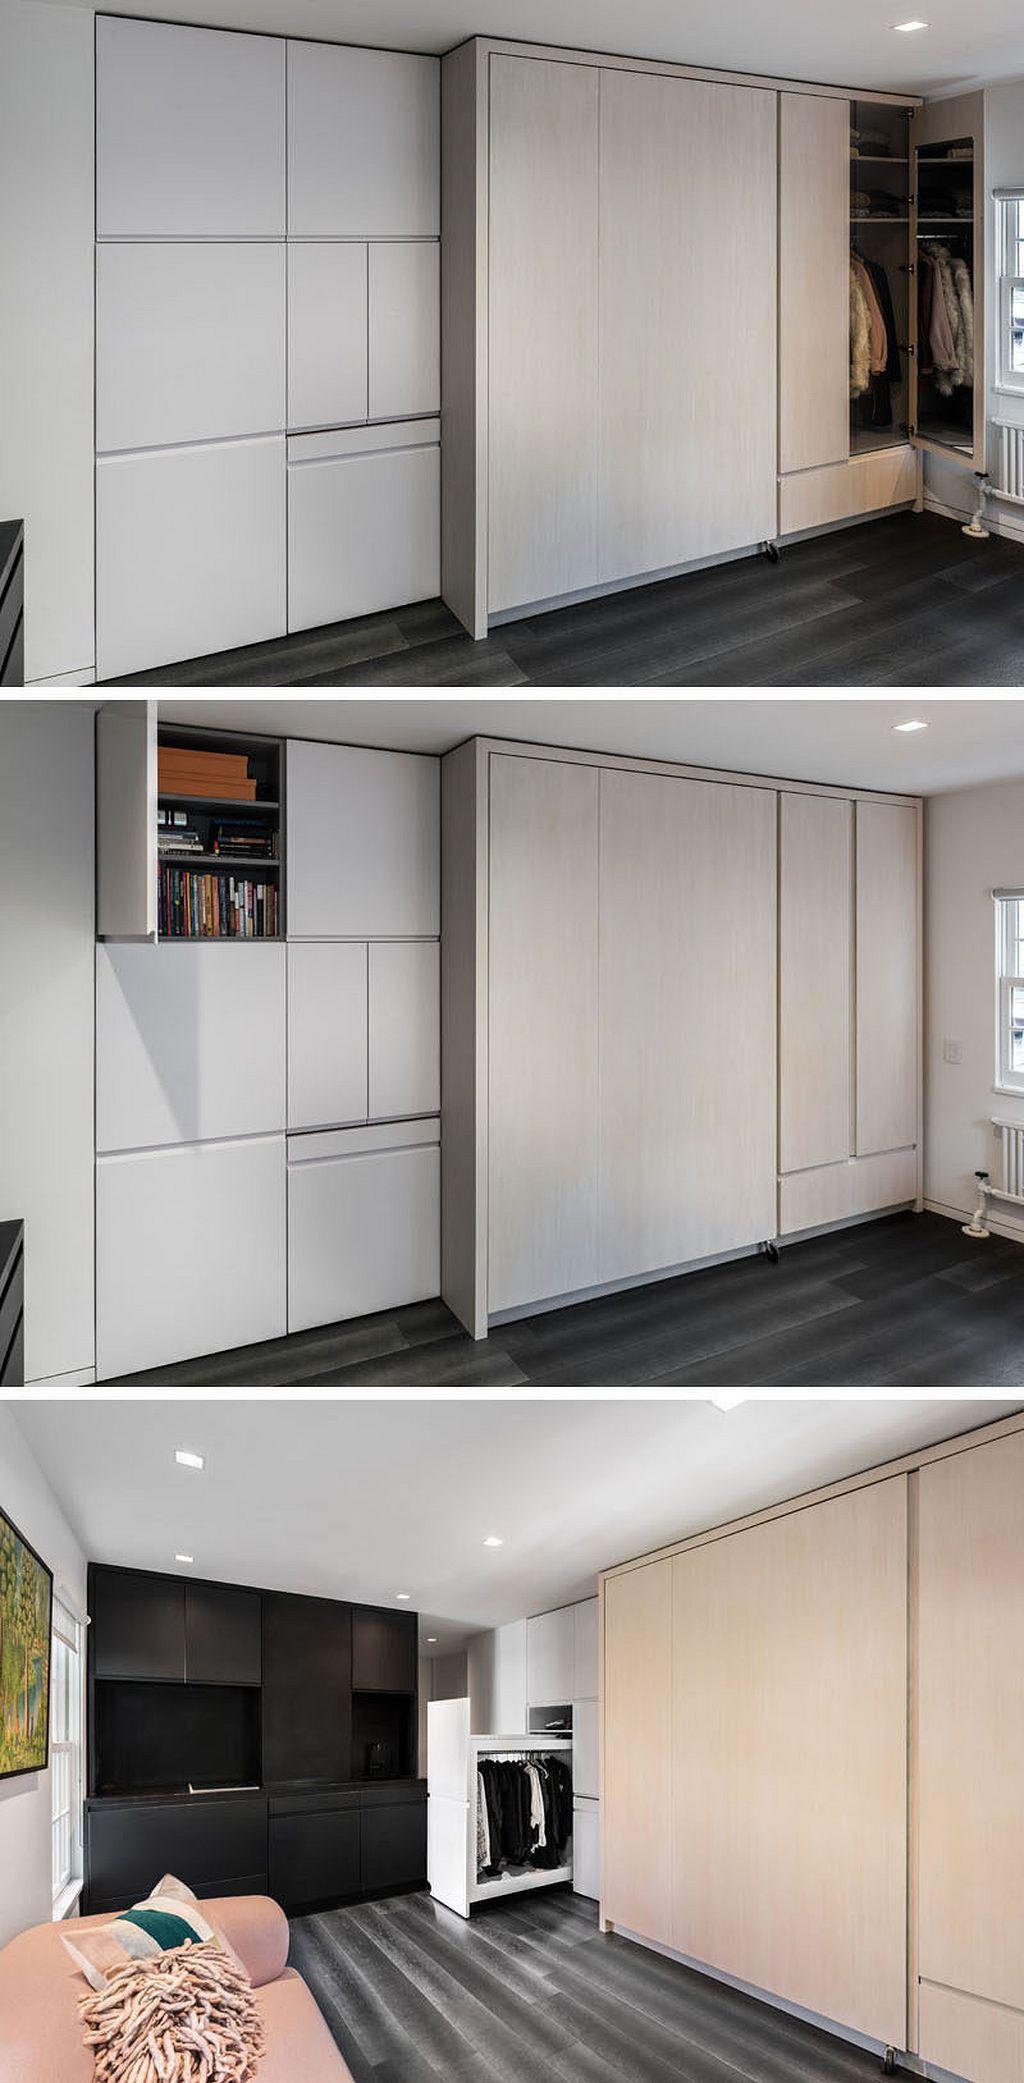 Stunning 40 clever micro apartment organization ideas https kidmagz com